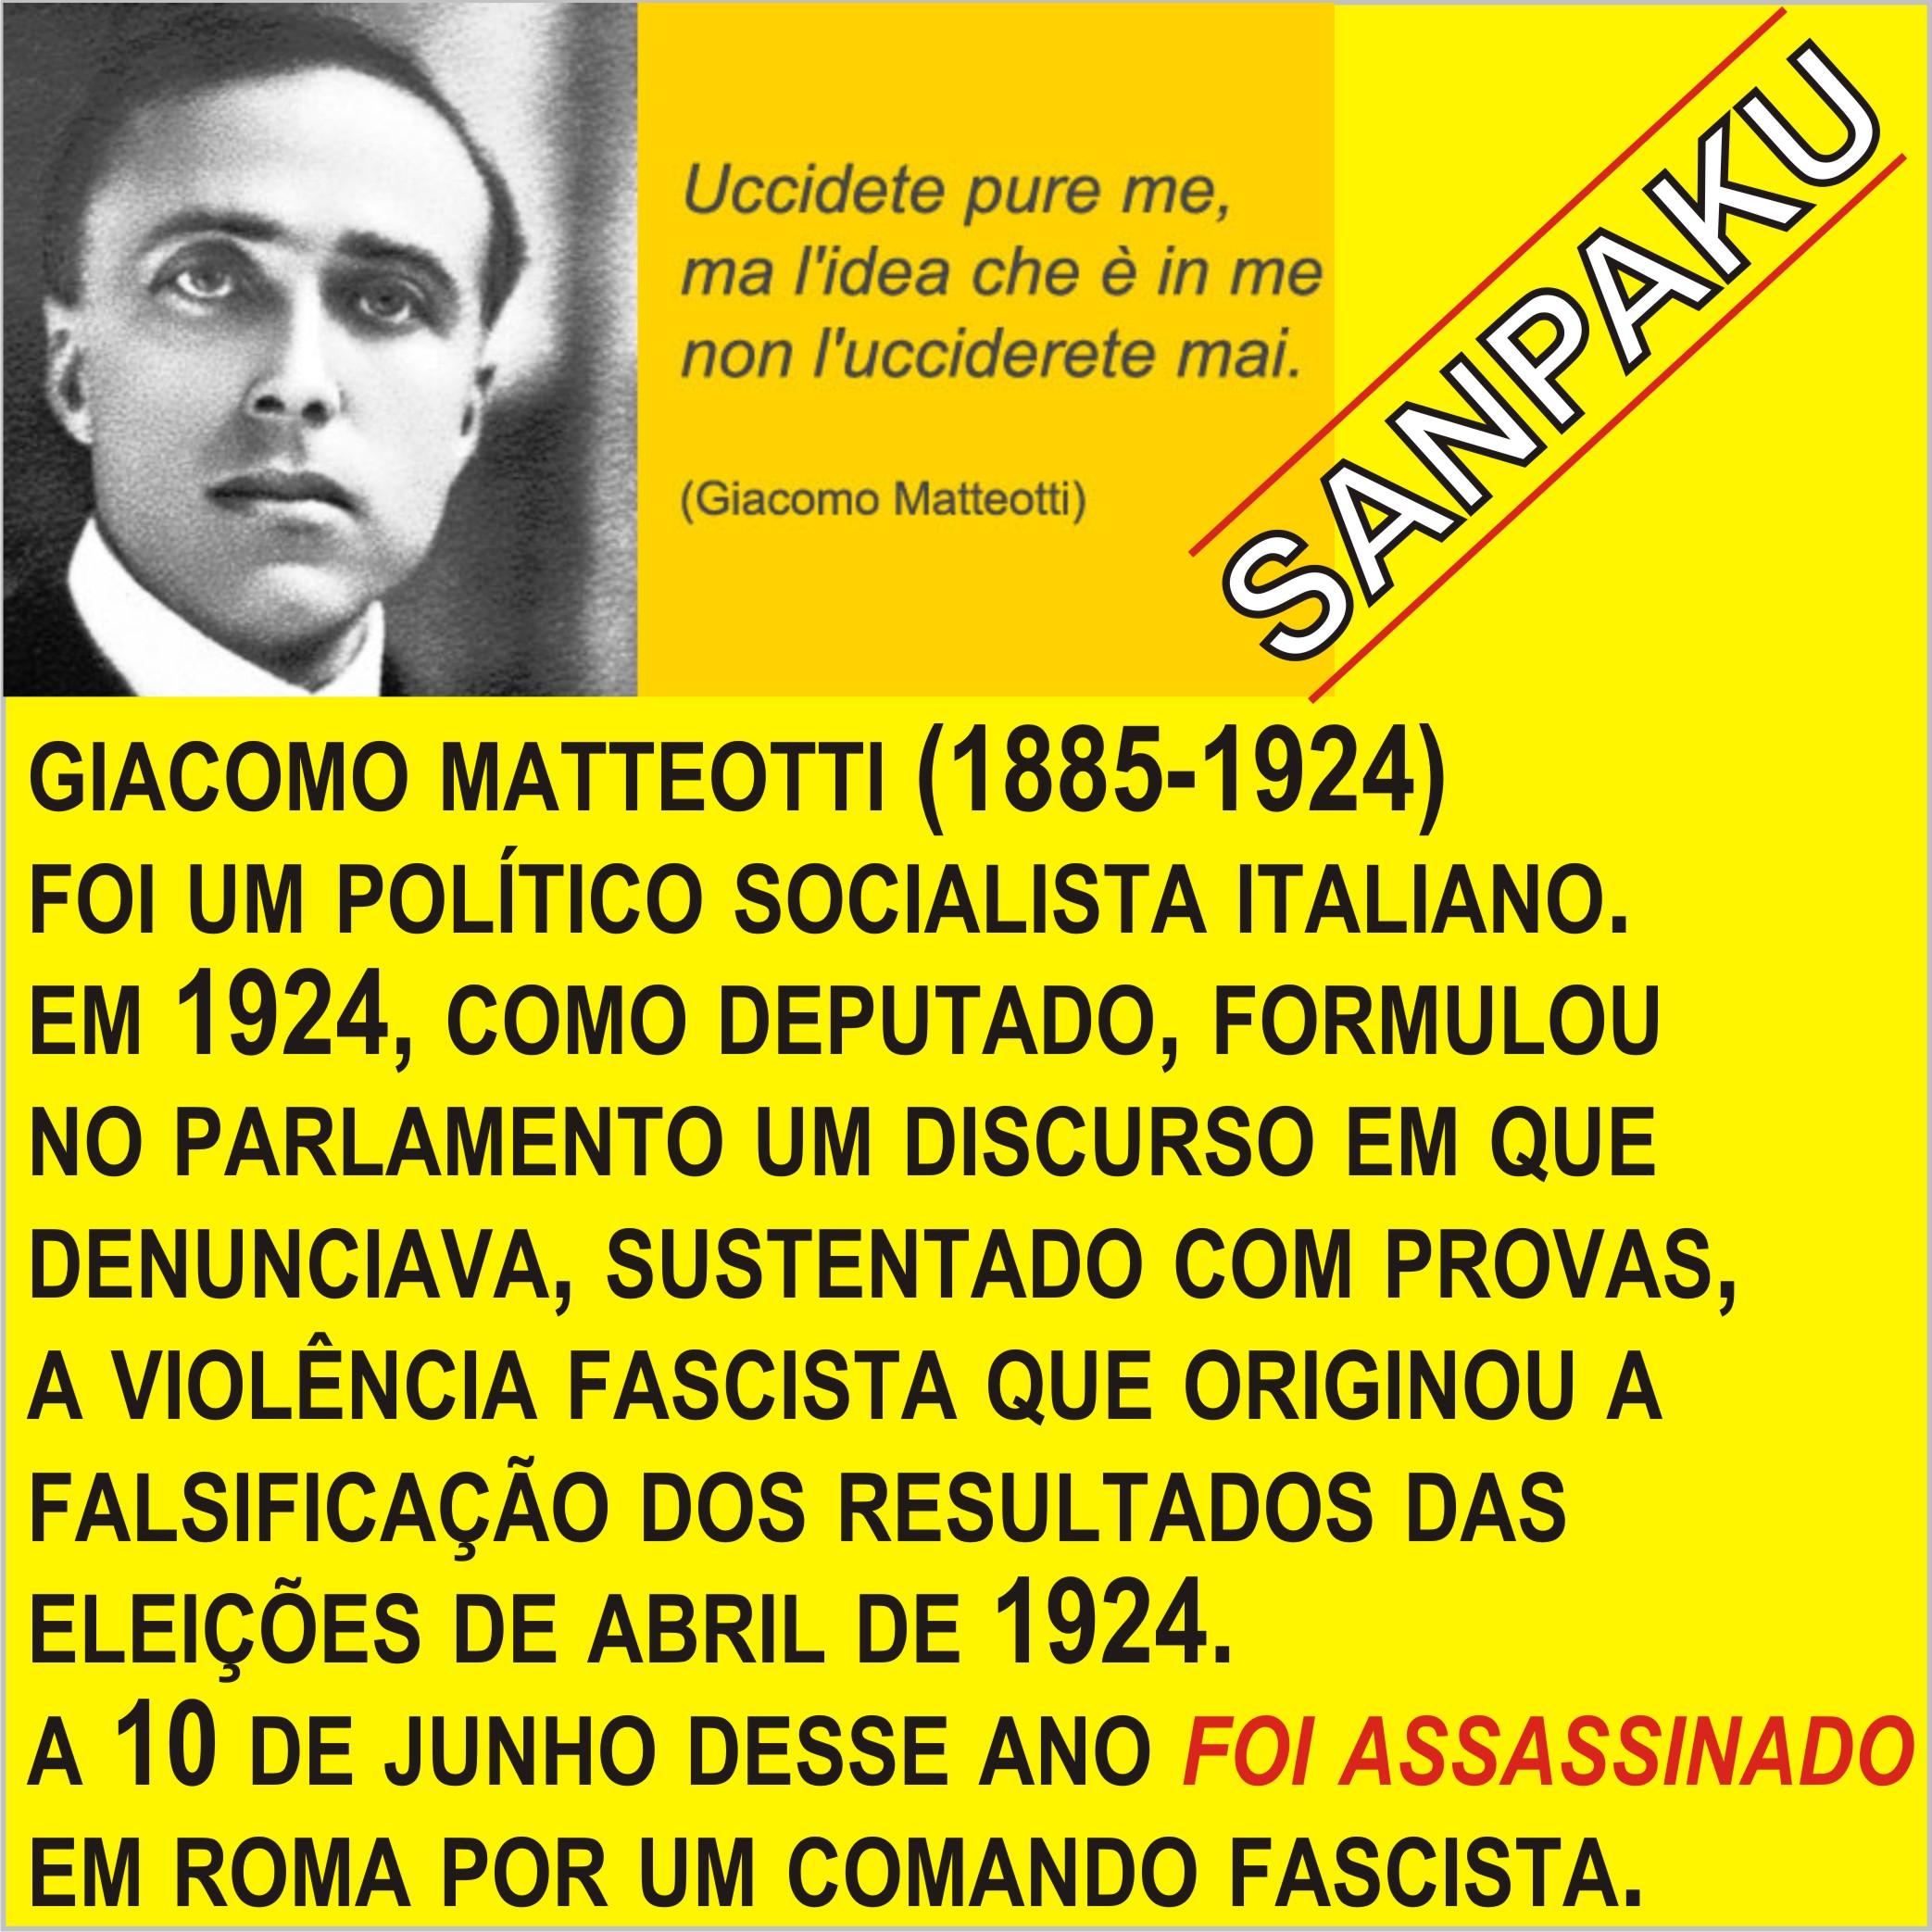 POST 397 GIACOMO MATTEOTTI